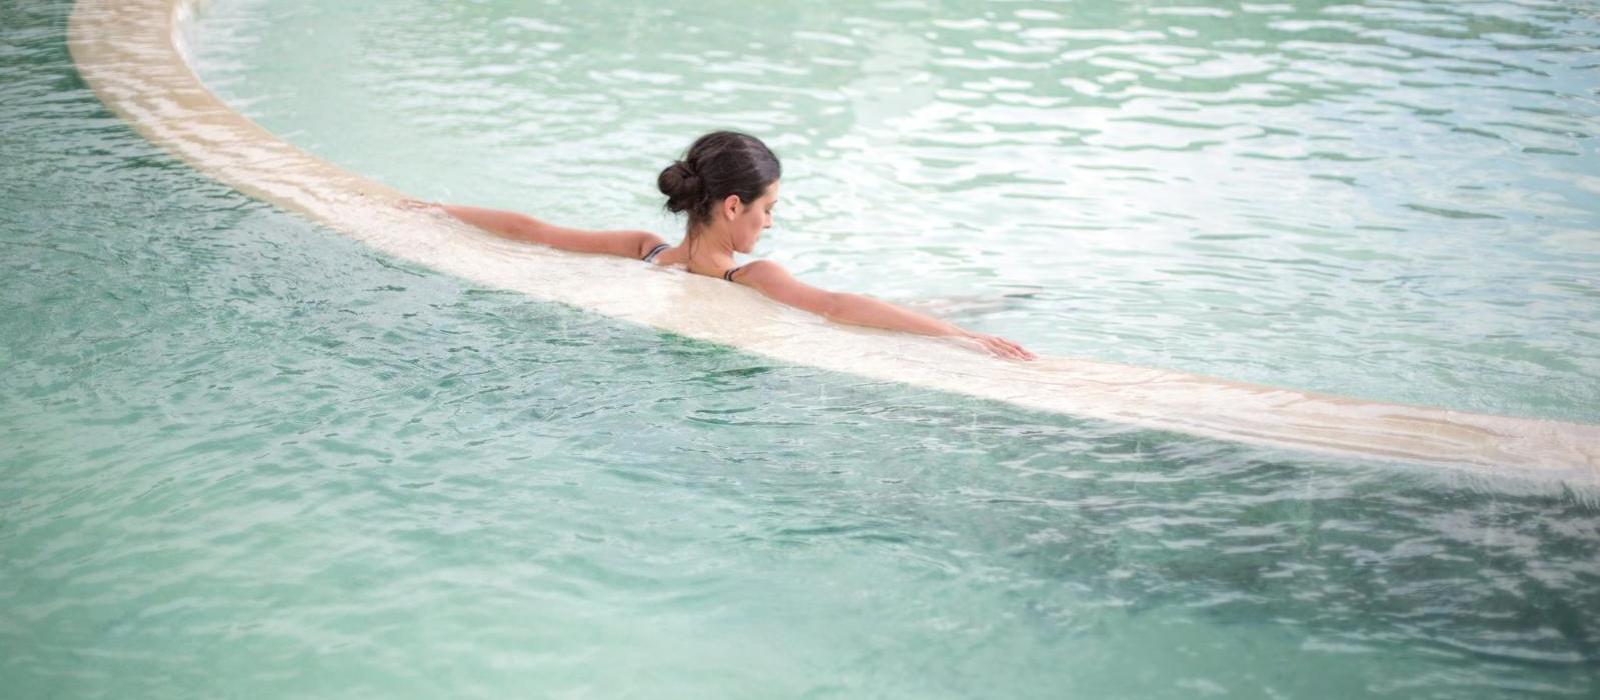 萨图尼亚温泉水疗高尔夫度假酒店(Terme di Saturnia Natural SPA & Golf Resort) 图片  www.lhw.cn